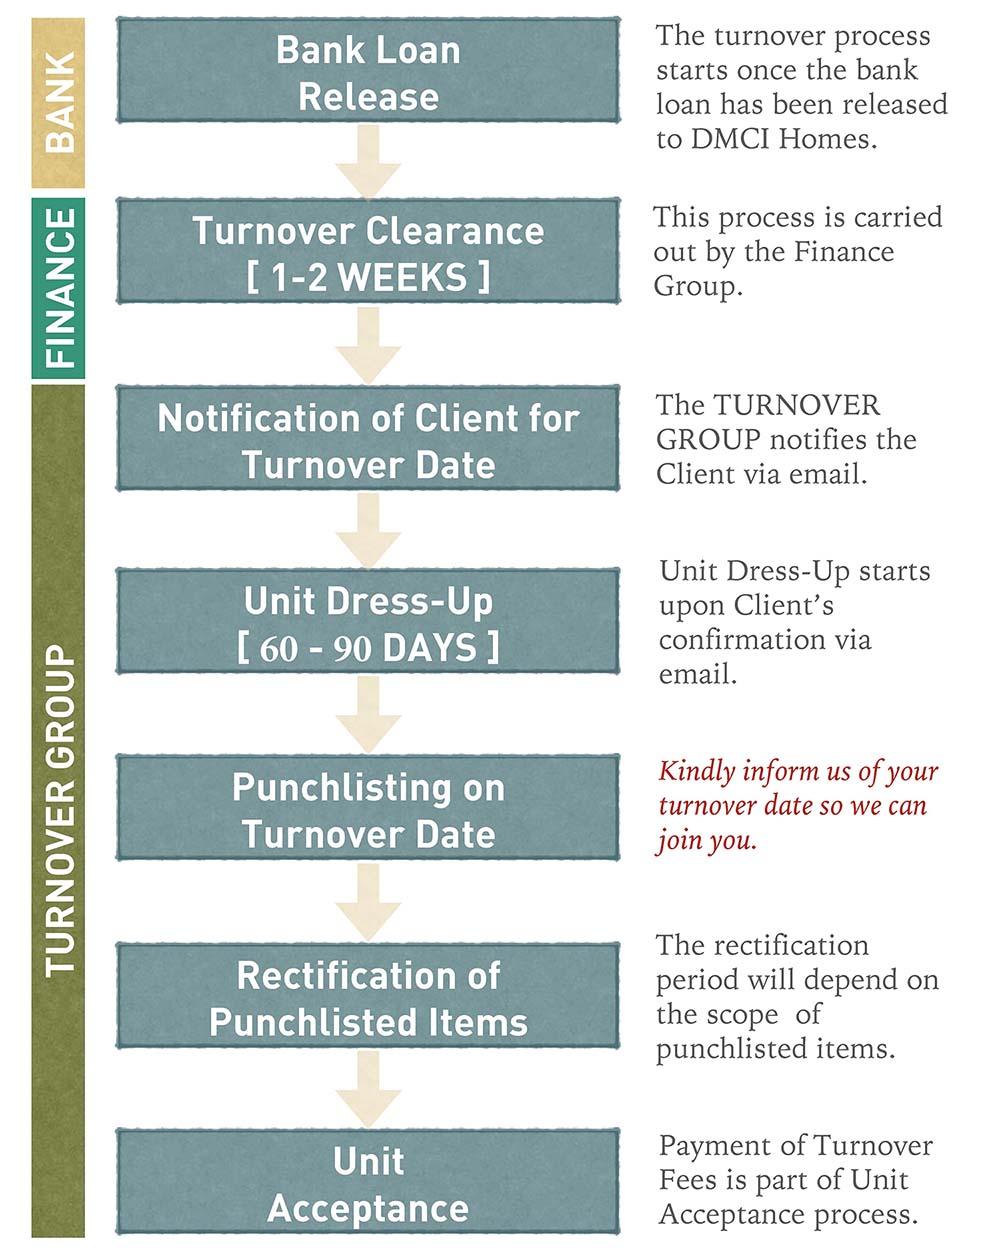 DMCI Homes Turnover Timeline